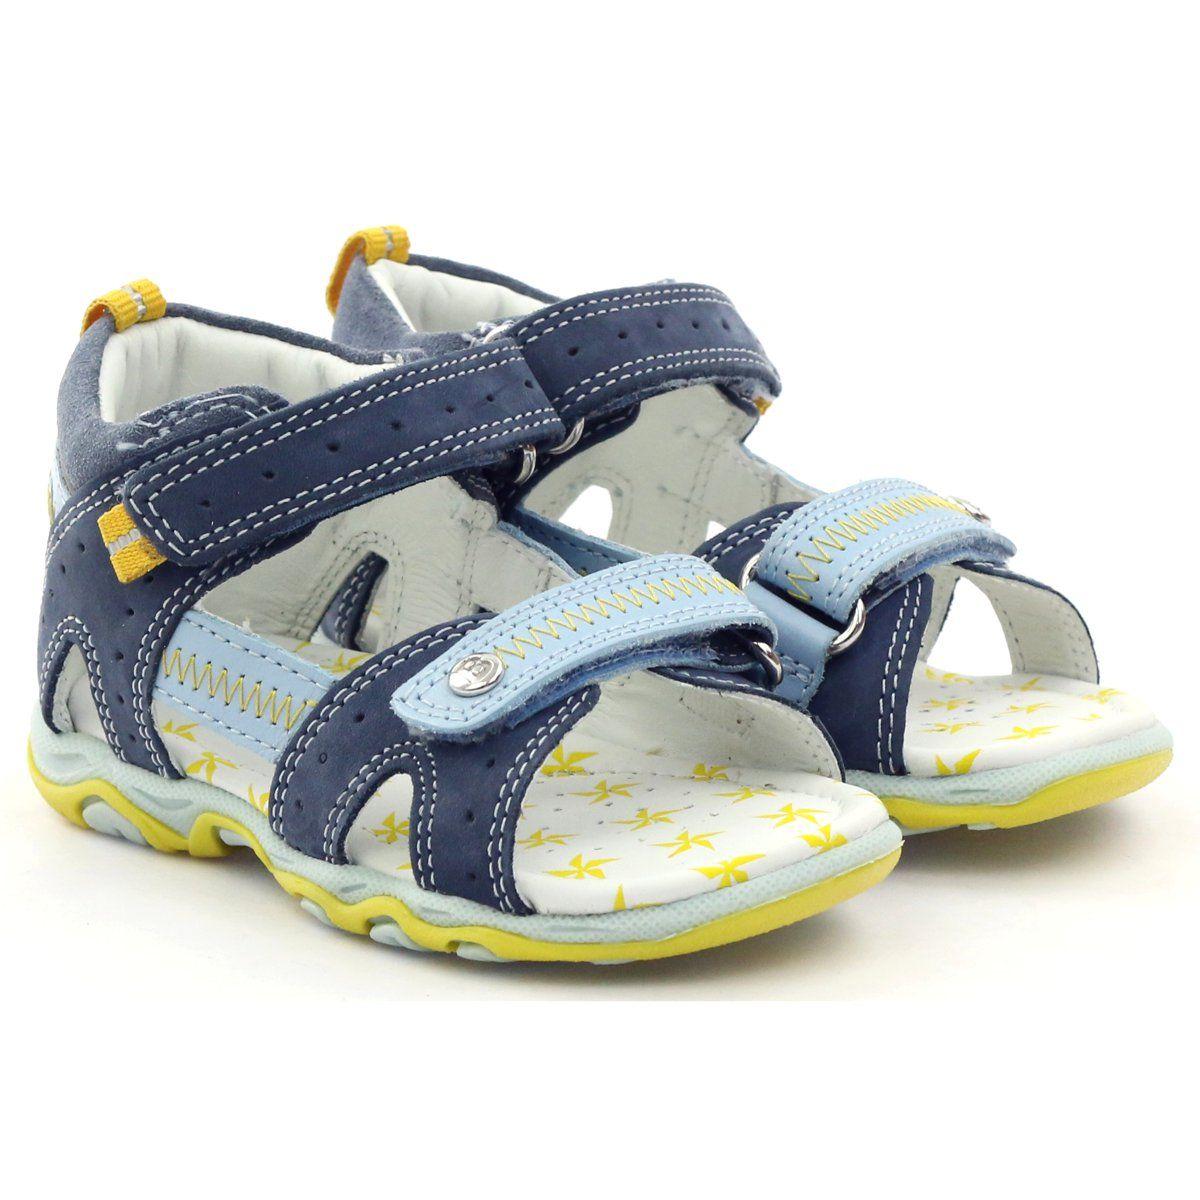 Sandalki Chlopiece Rzepy Bartek Niebieskie Zolte Baby Boy Fashion Baby Shoes Boy Fashion